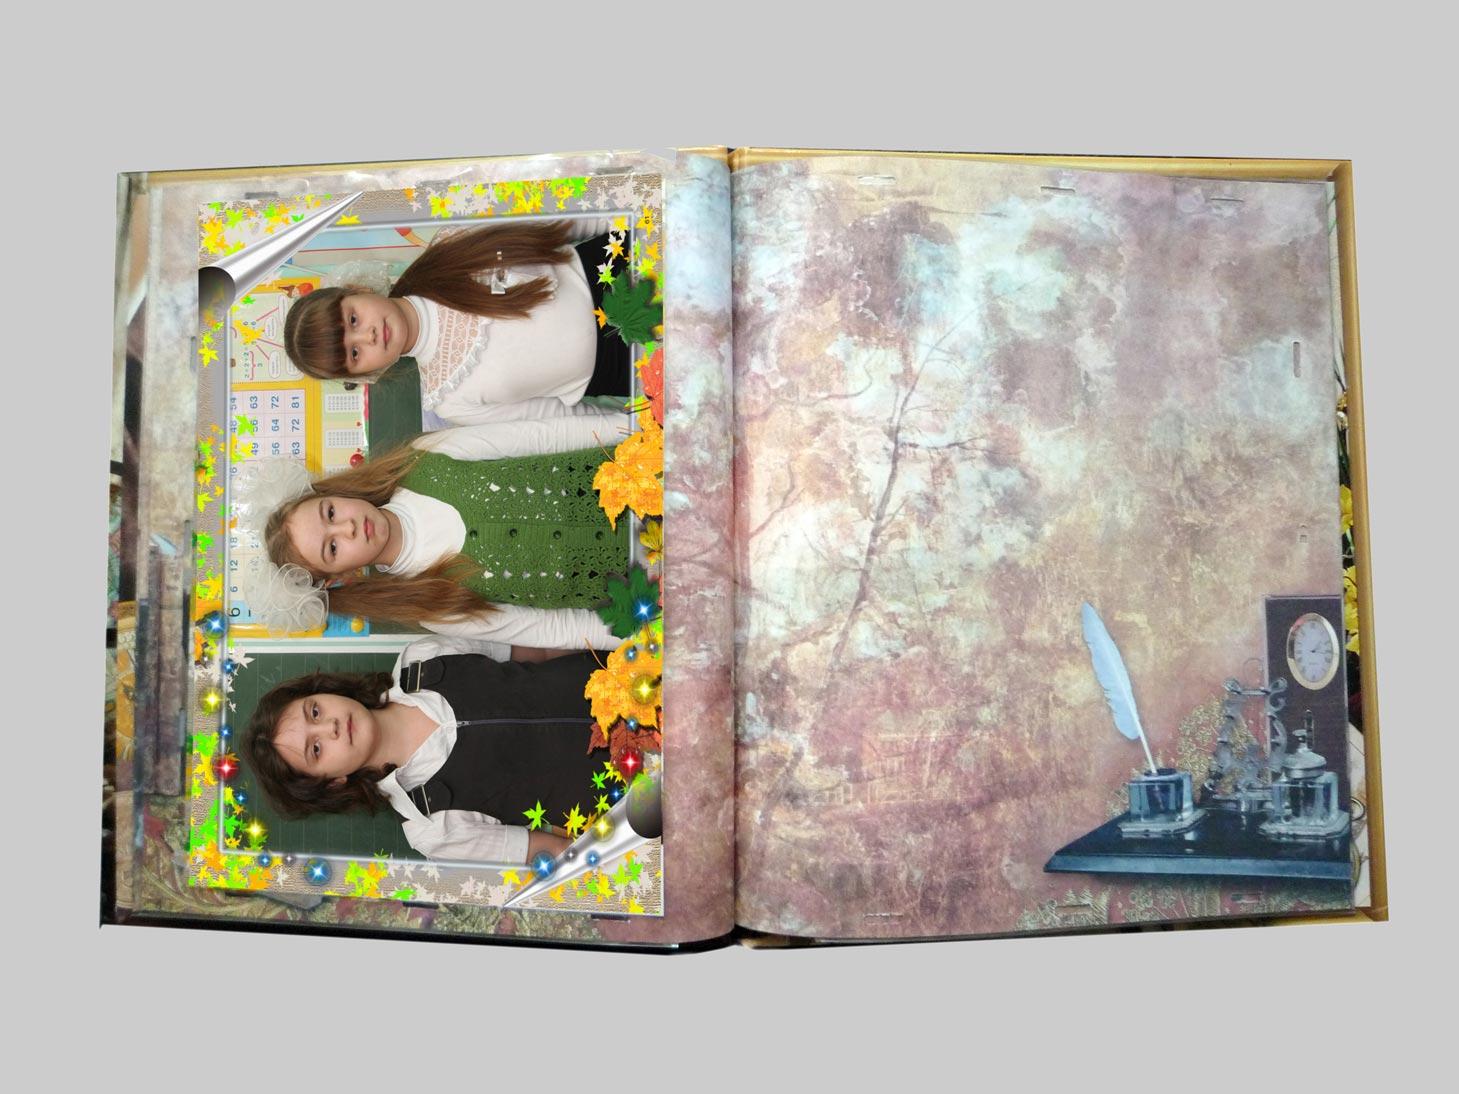 друзья,фото с друзьями,школьный альбом, школа №13